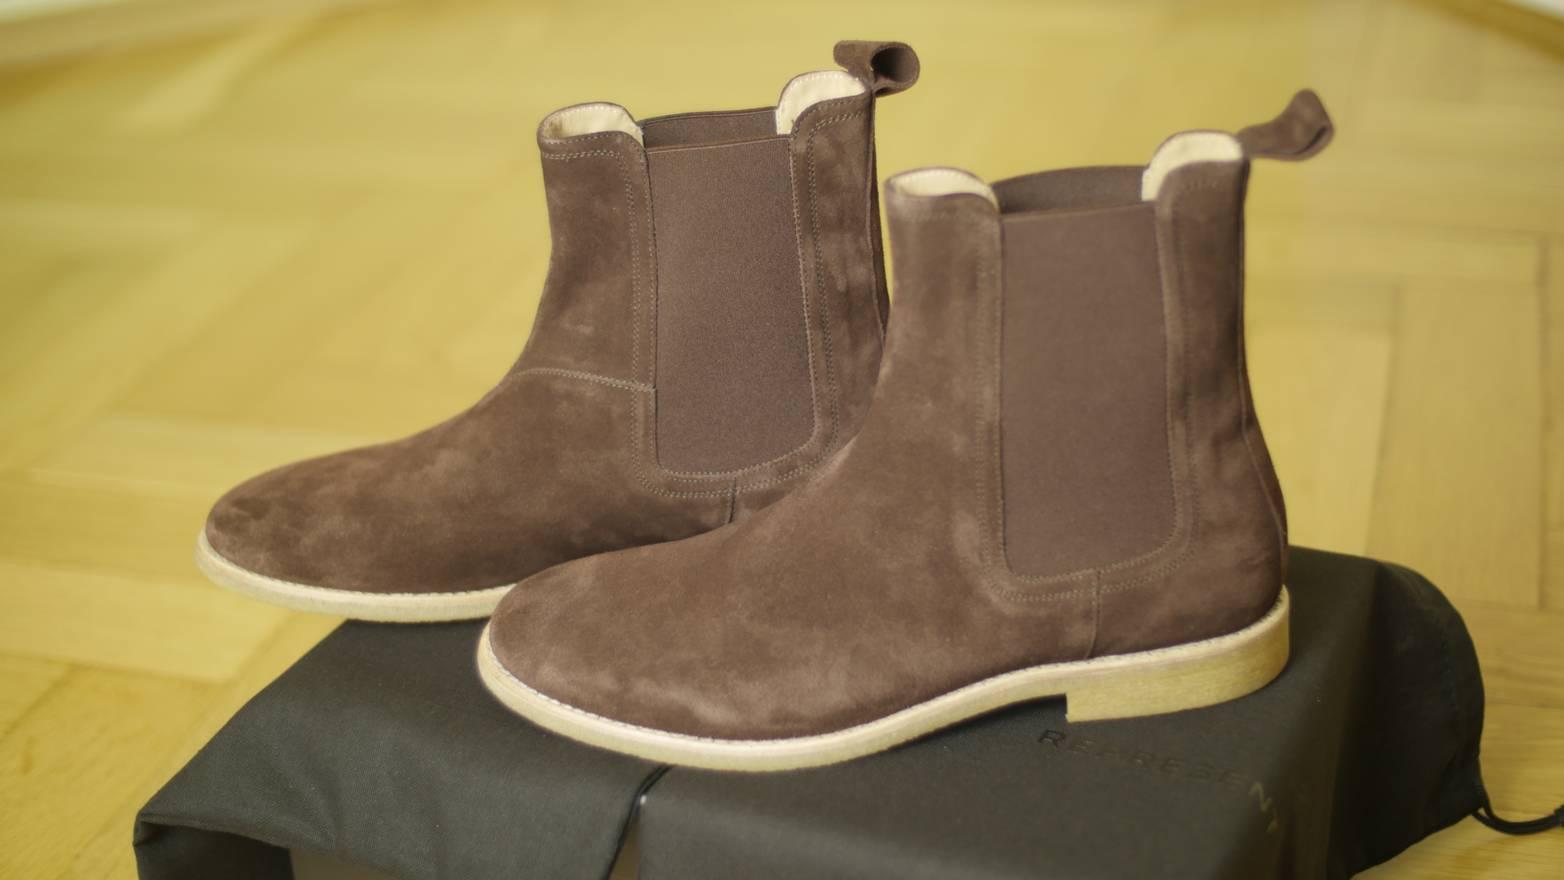 Chelsea boots - Brown Represent Jnki24